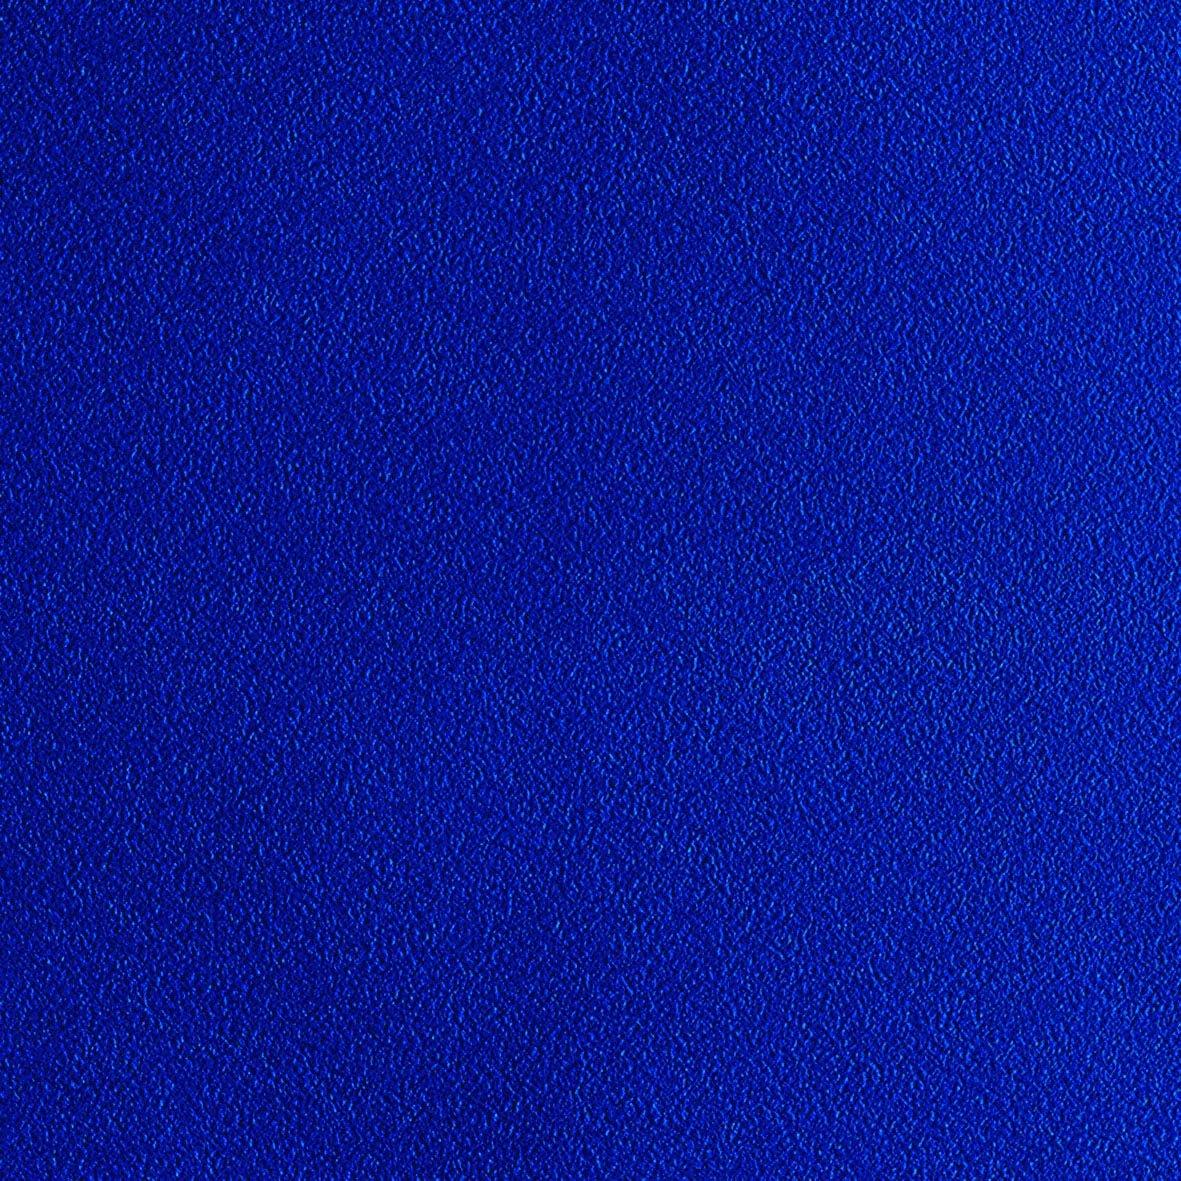 リリカラ 壁紙24m シンフル 無地 イエロー LL-8736 B01MXHPWW2 24m,イエロー